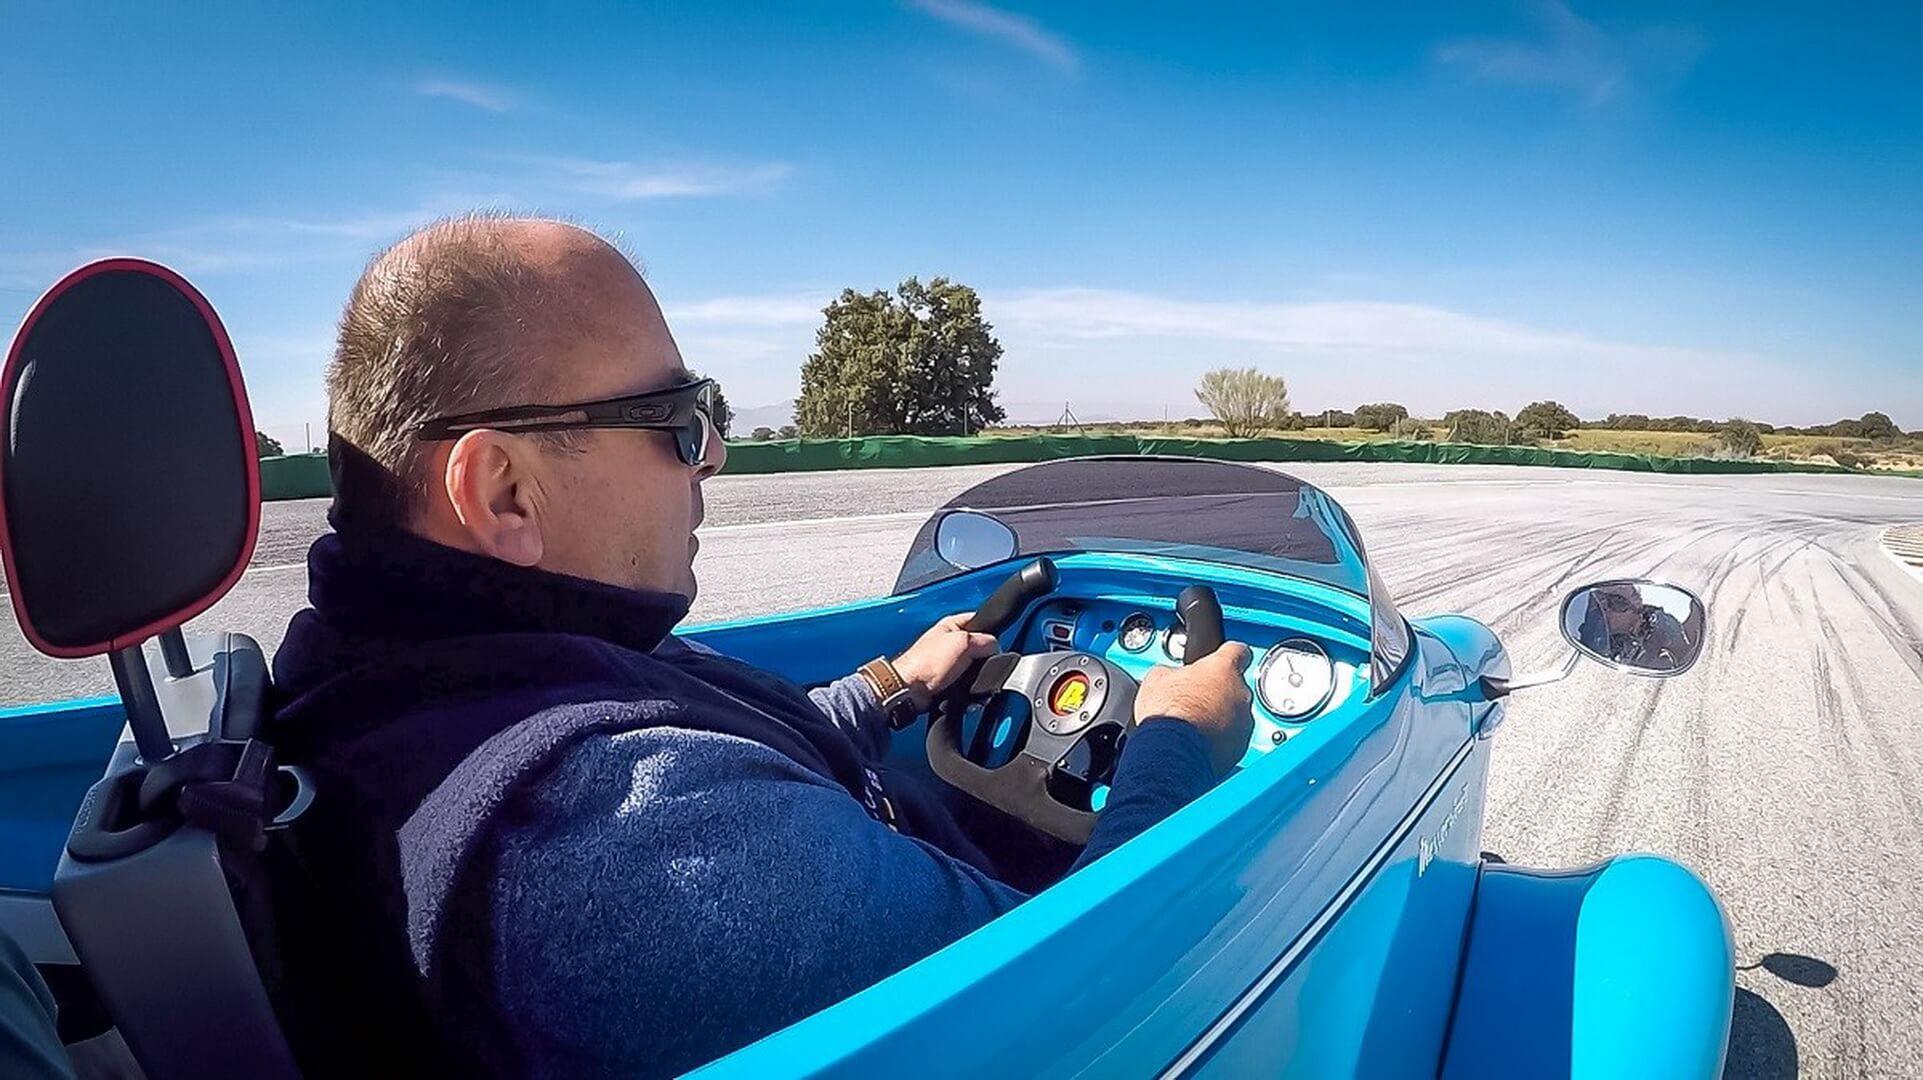 Messerschmitt выпустила электрический микрокар KR-E5000